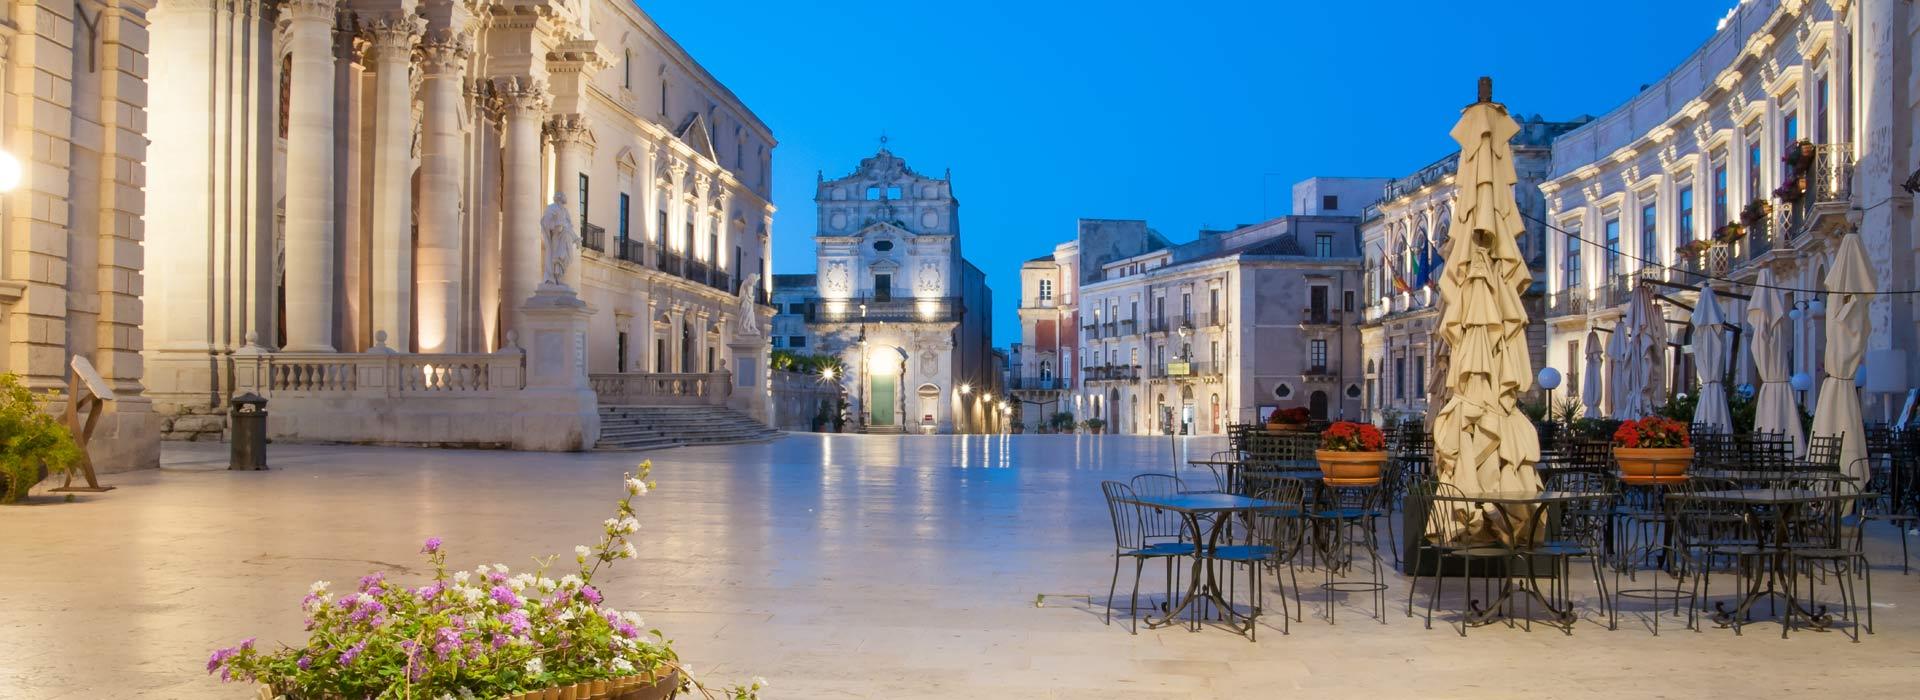 03_Siracusa_Volo_Perugia_Catania